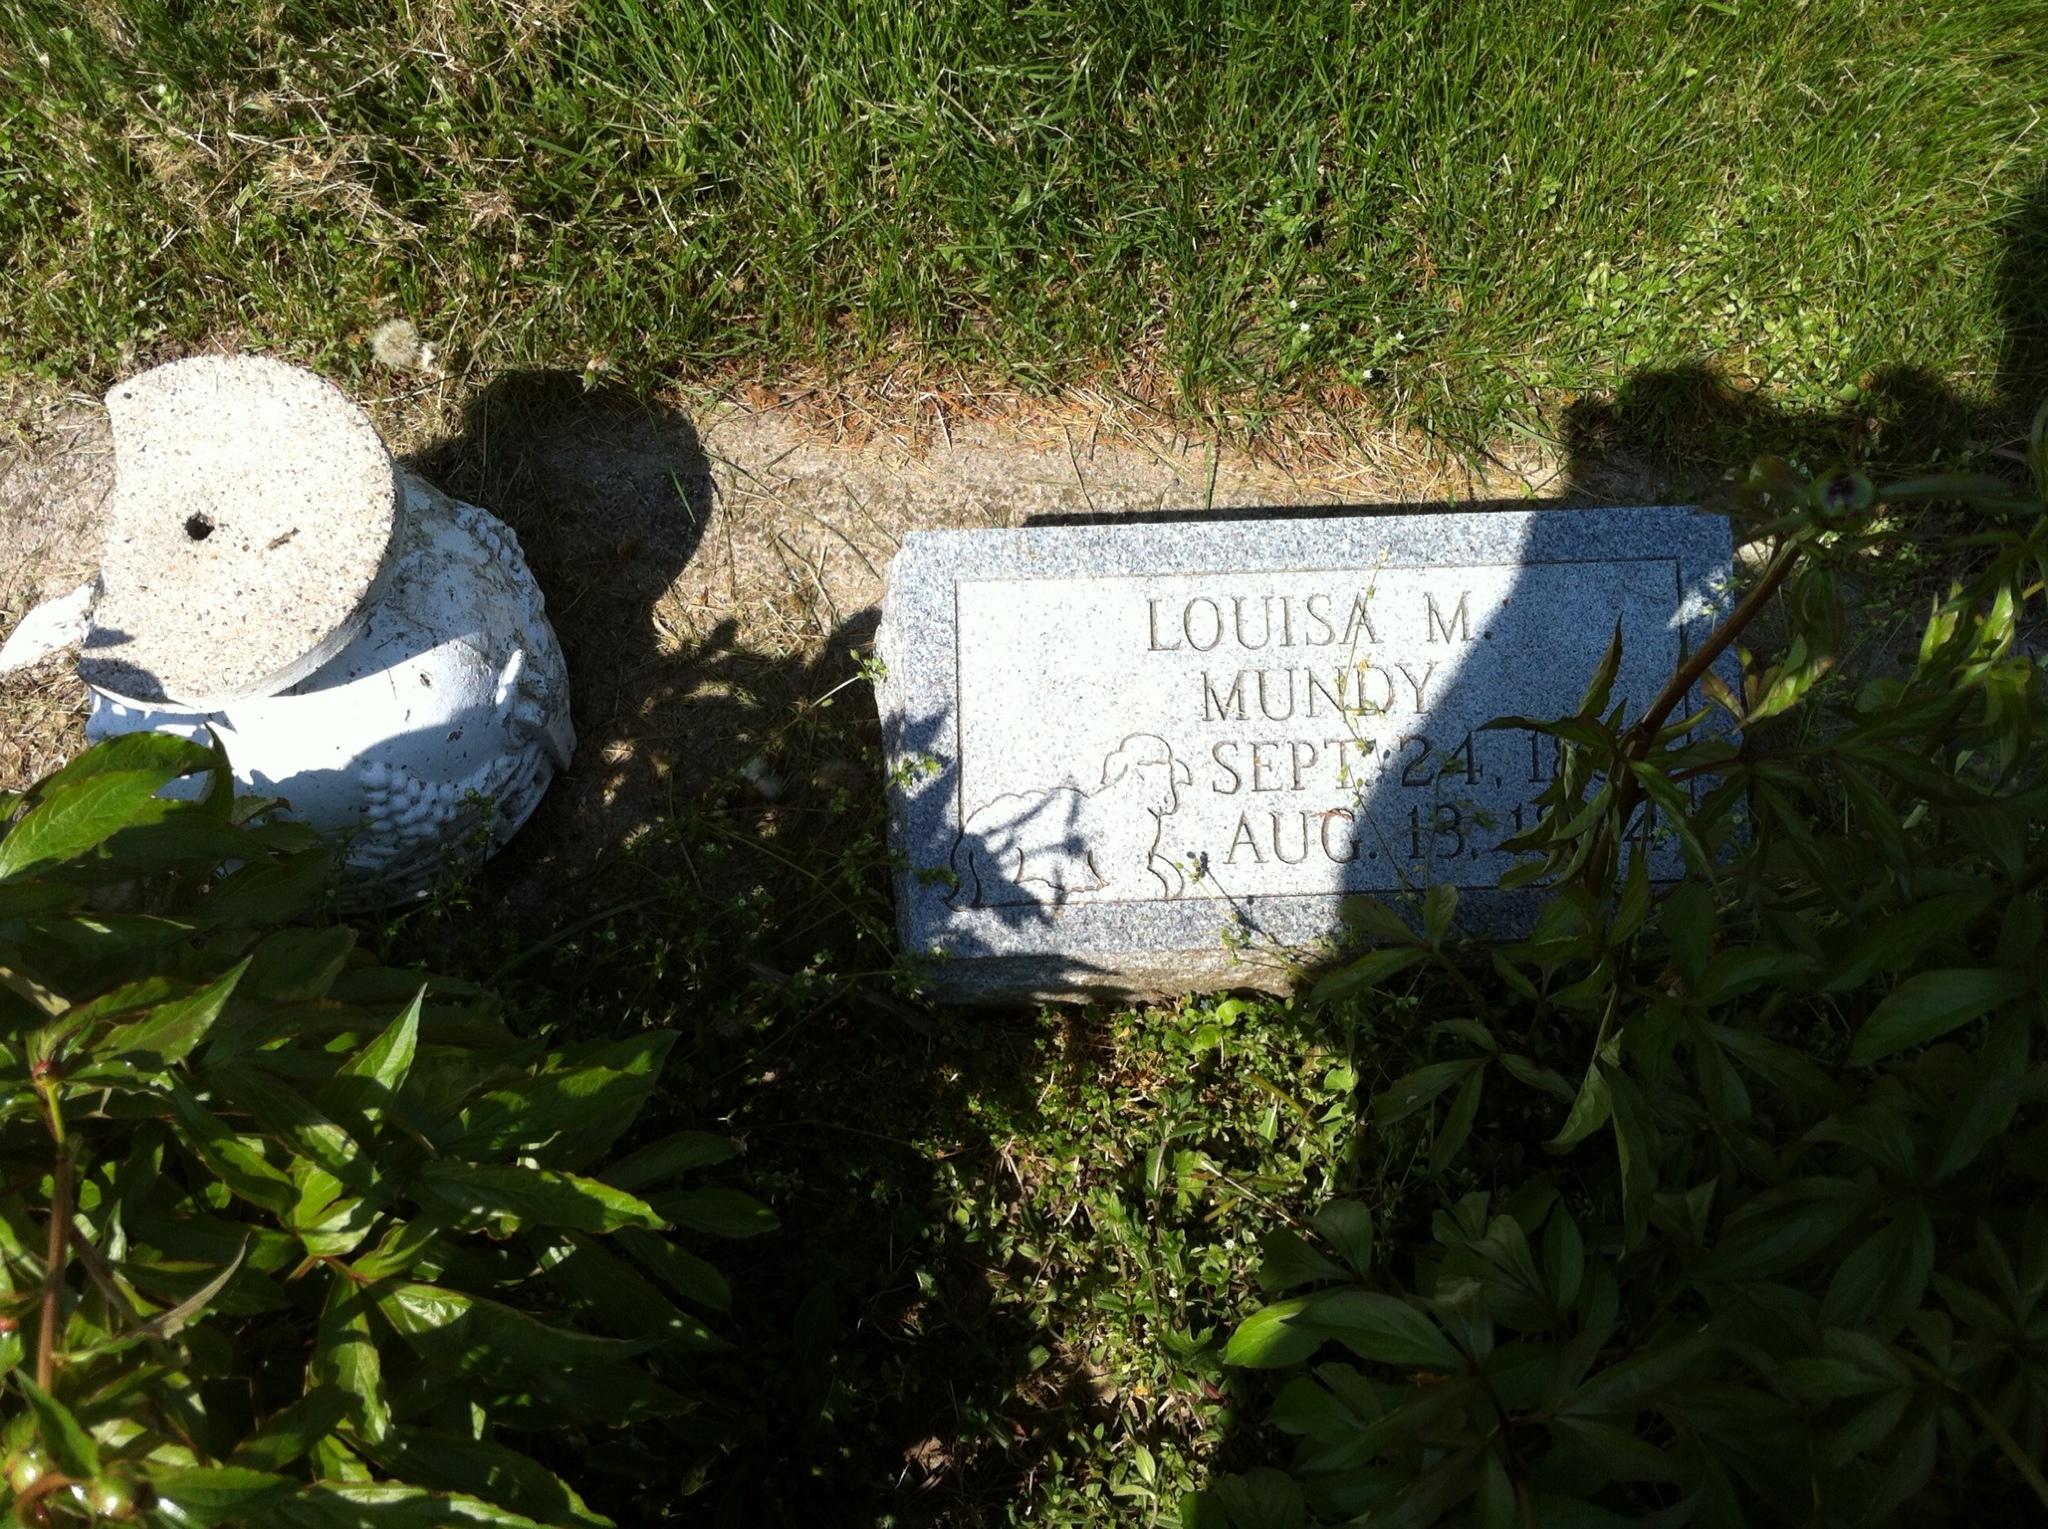 Marla Mundy